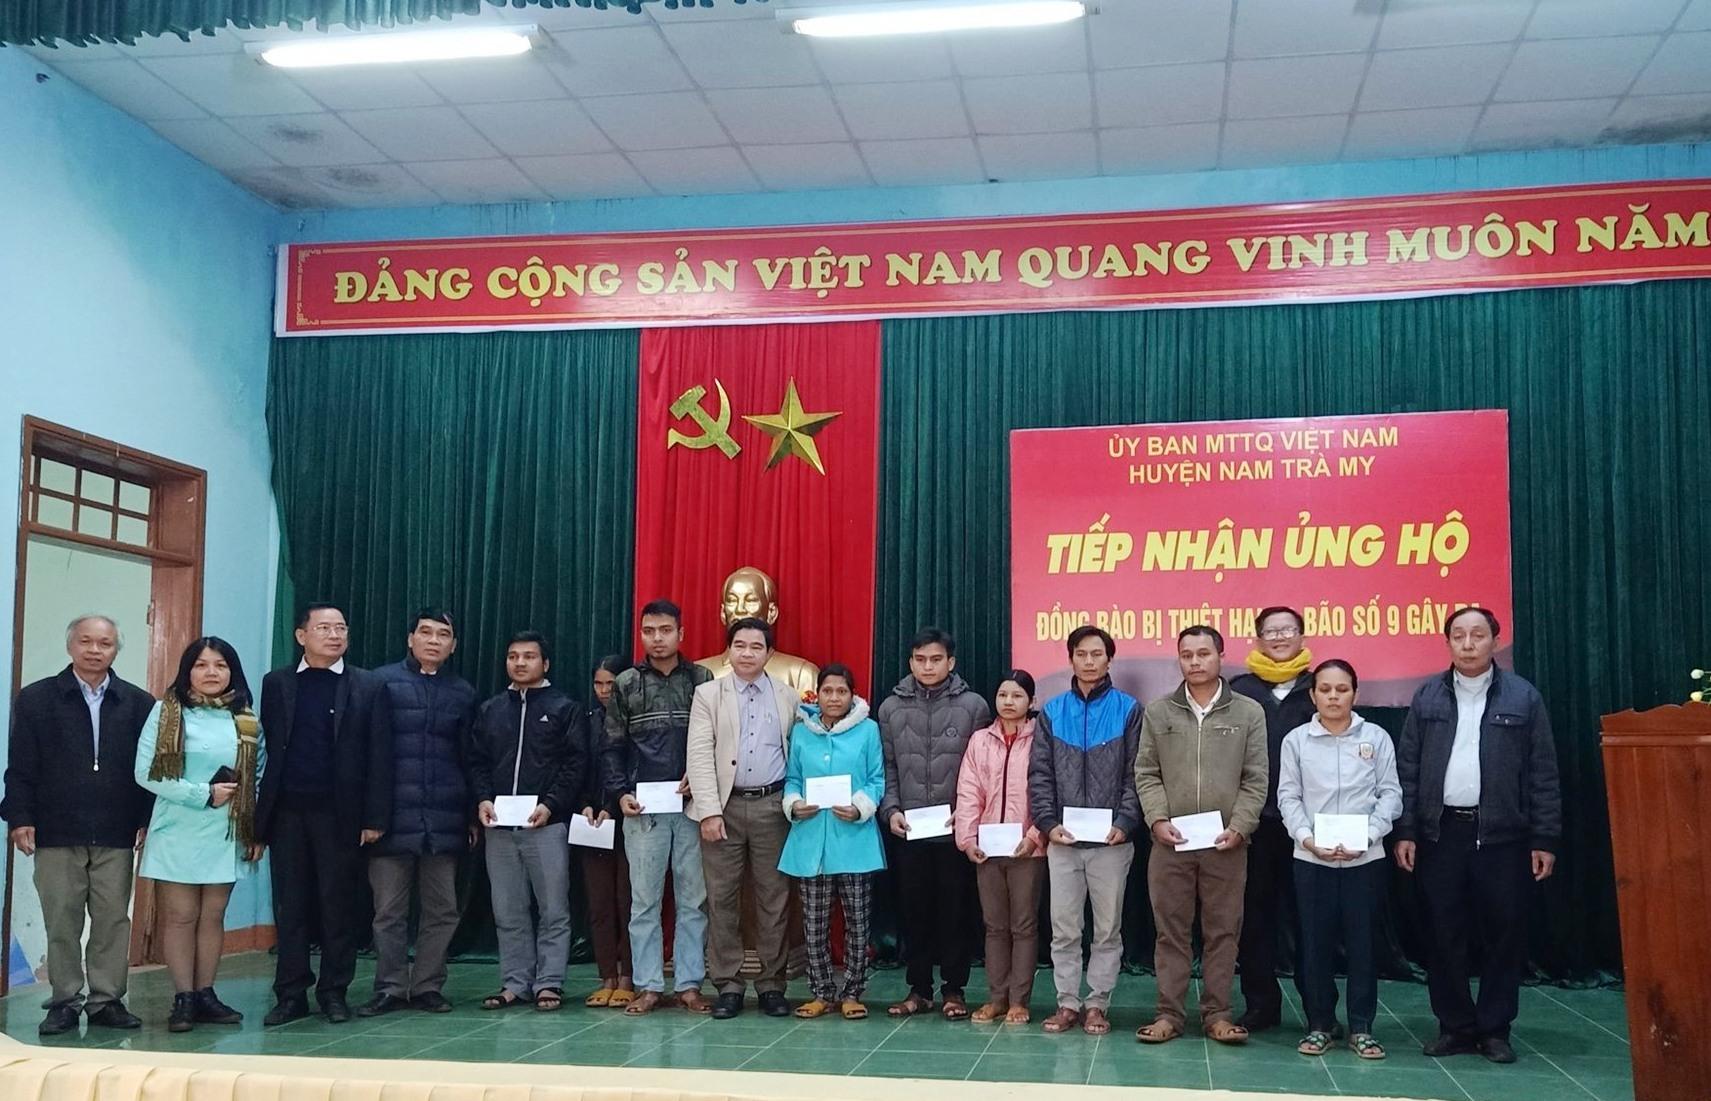 Hội Văn học - nghệ thuật Quảng Nam trao tiền hỗ trợ người dân Nam Trà My. Ảnh: HỒNG DƯƠNG